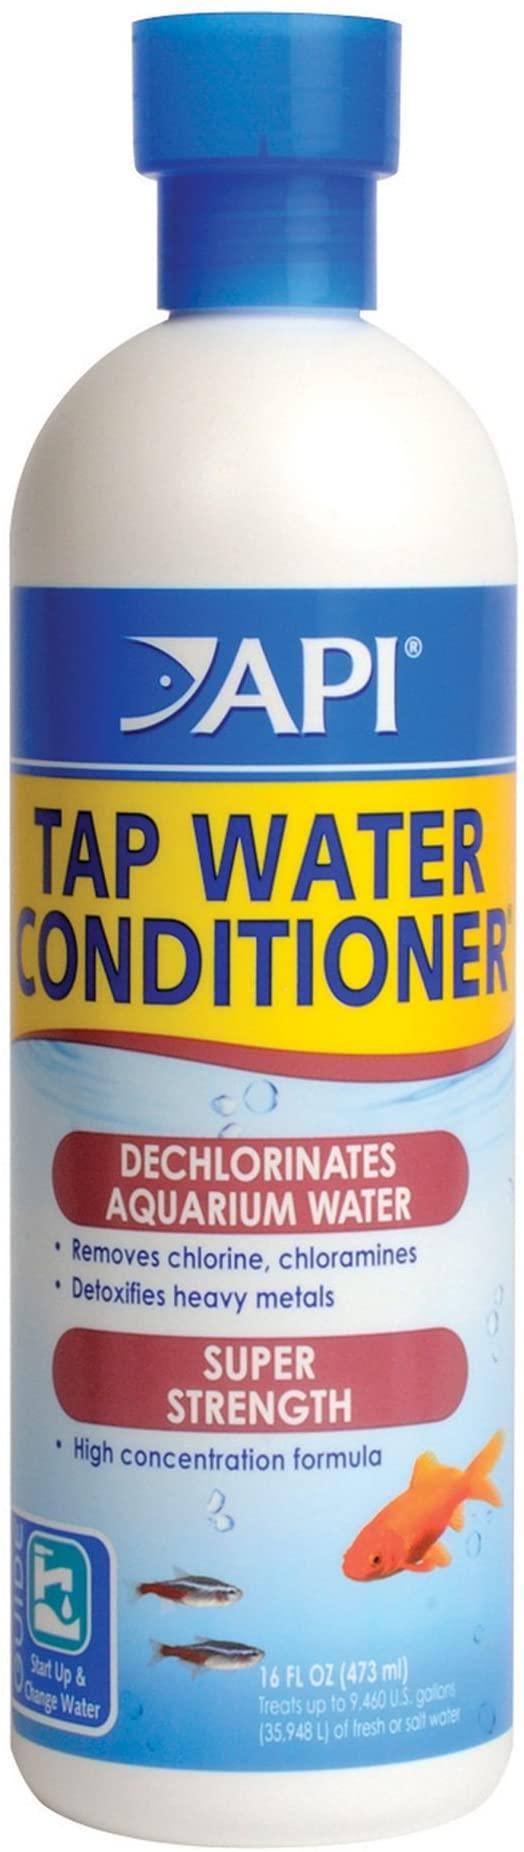 API 52C product image 1